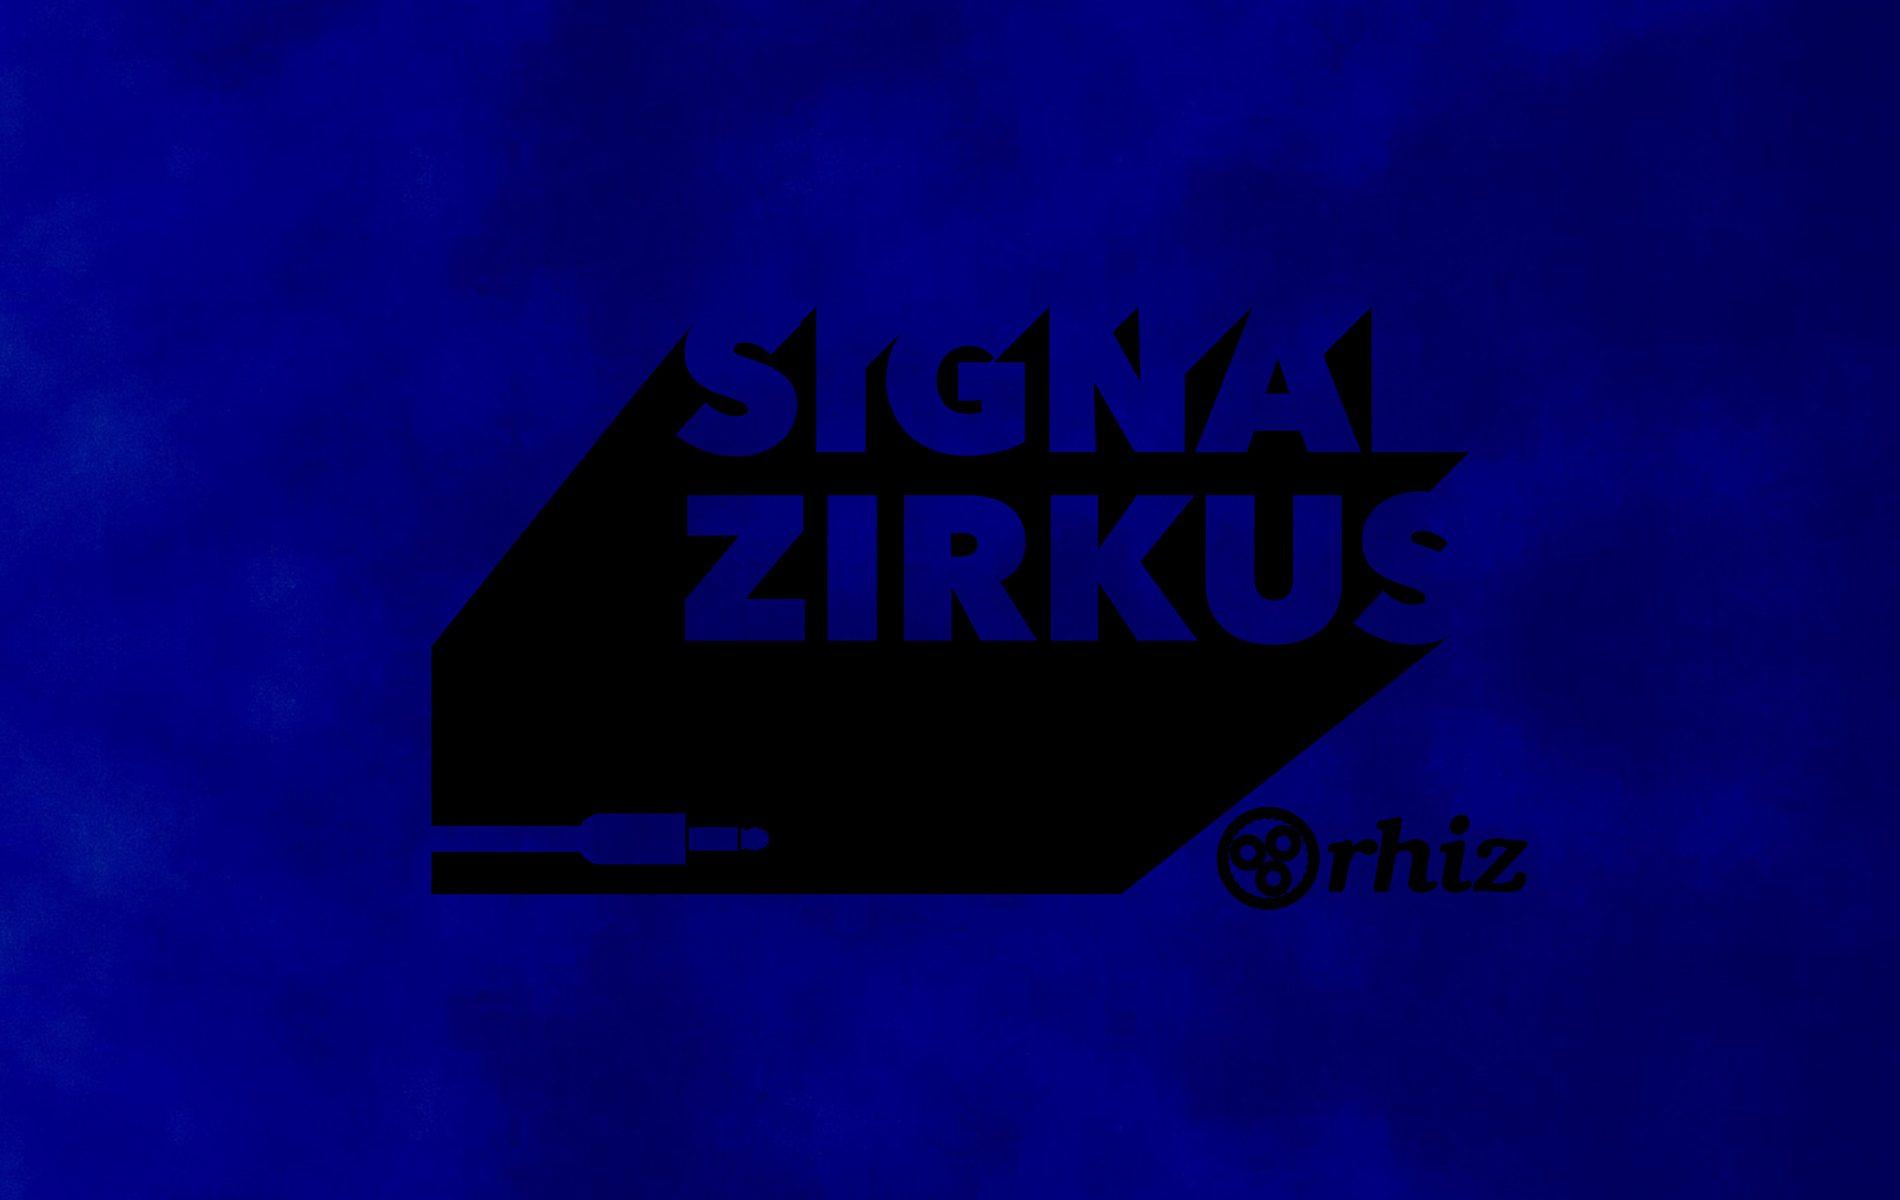 Signal Zirkus 017 Blaue Stunde